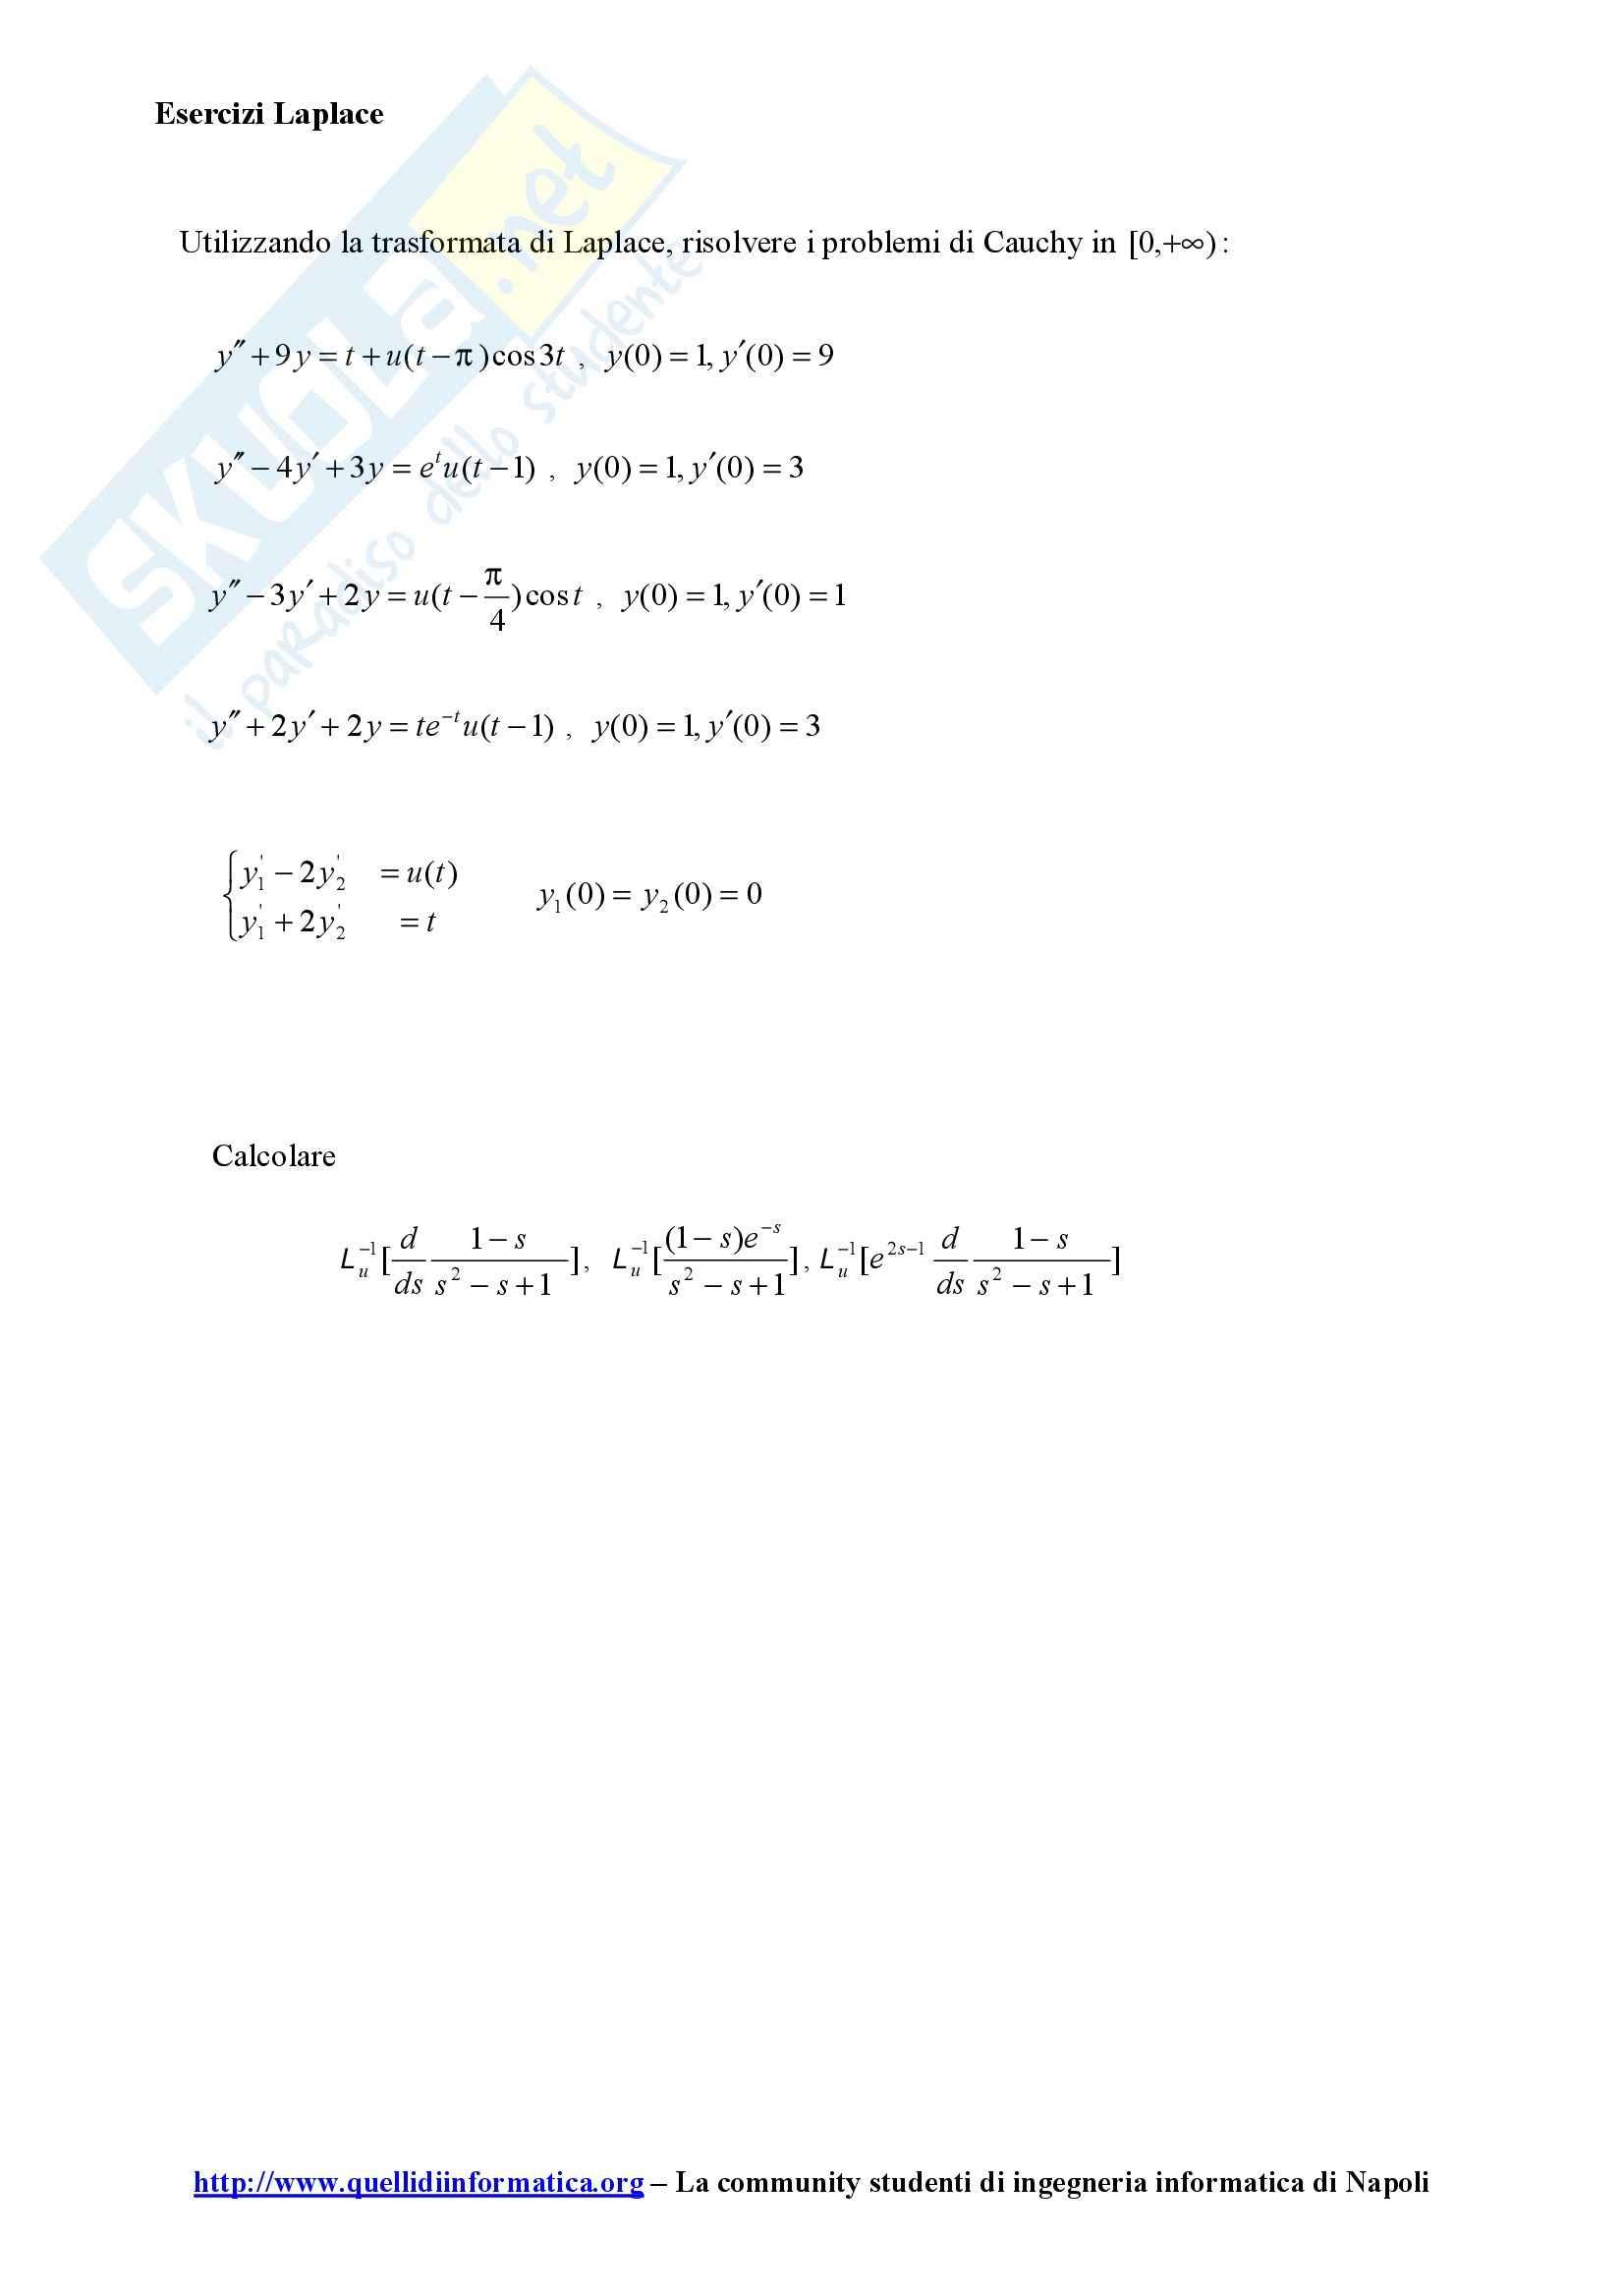 esercitazione V. Ferone Metodi matematici per l'ingegneria